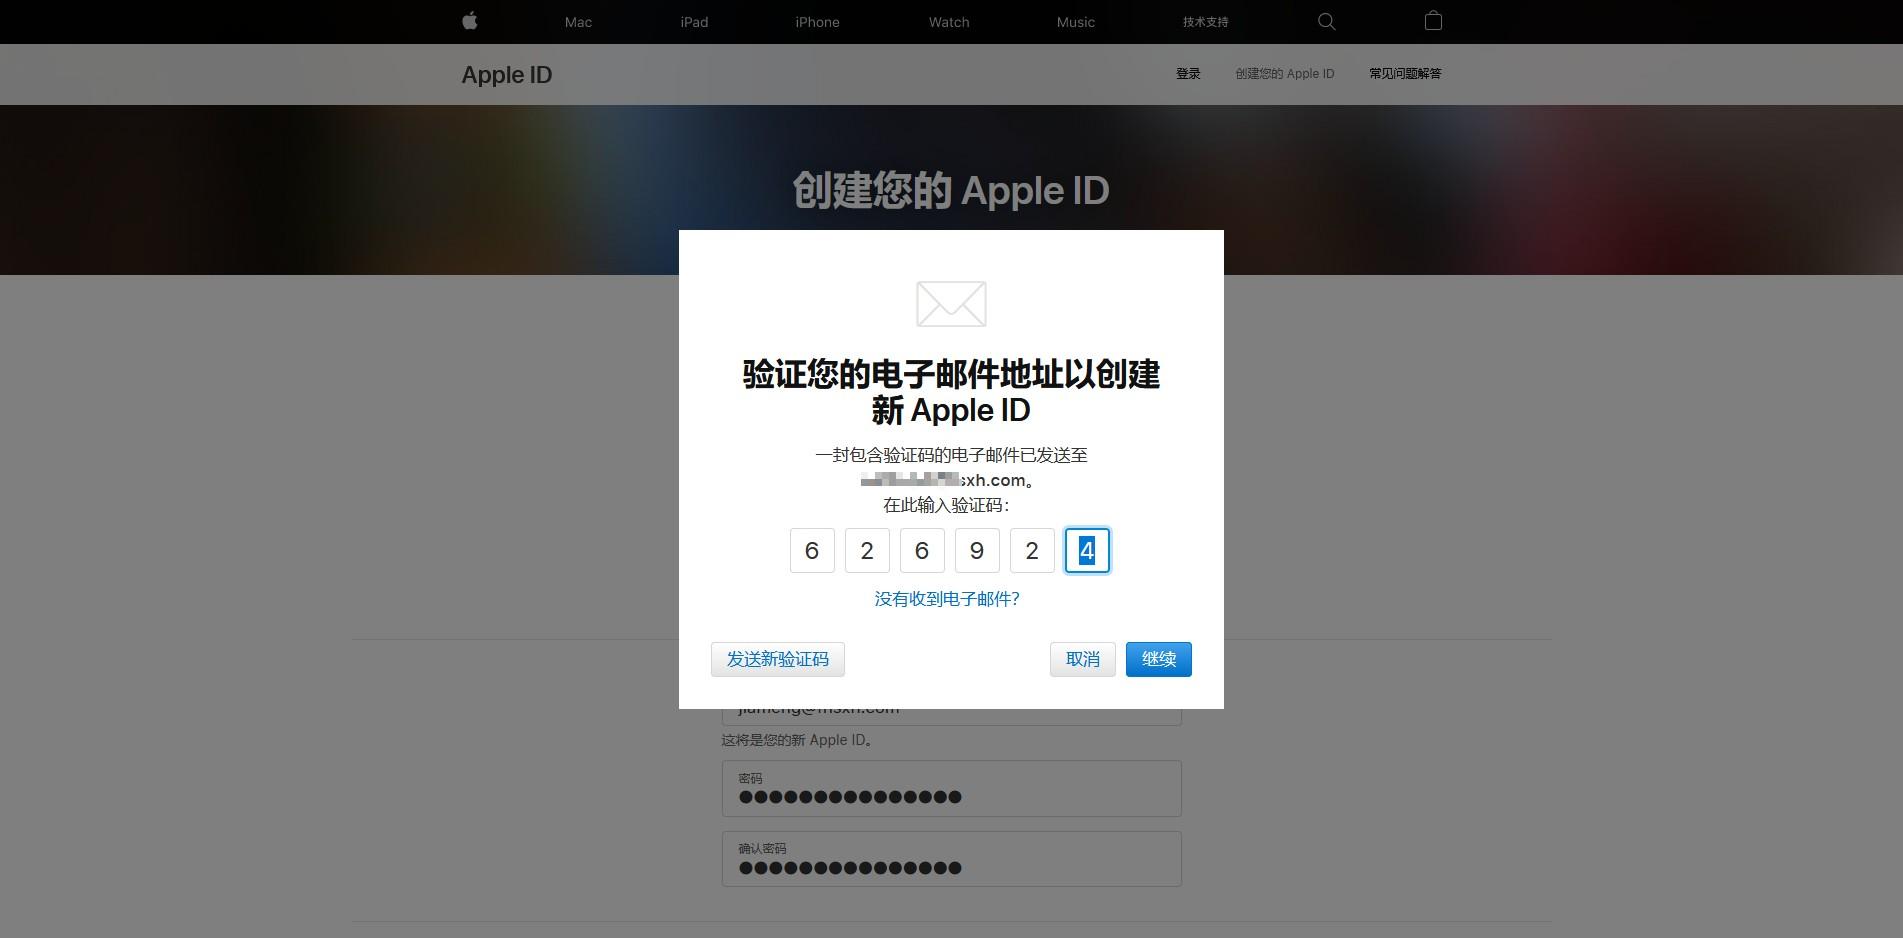 还在去某宝购买苹果国外ID?简单几步教你如何免费申请美区苹果ID